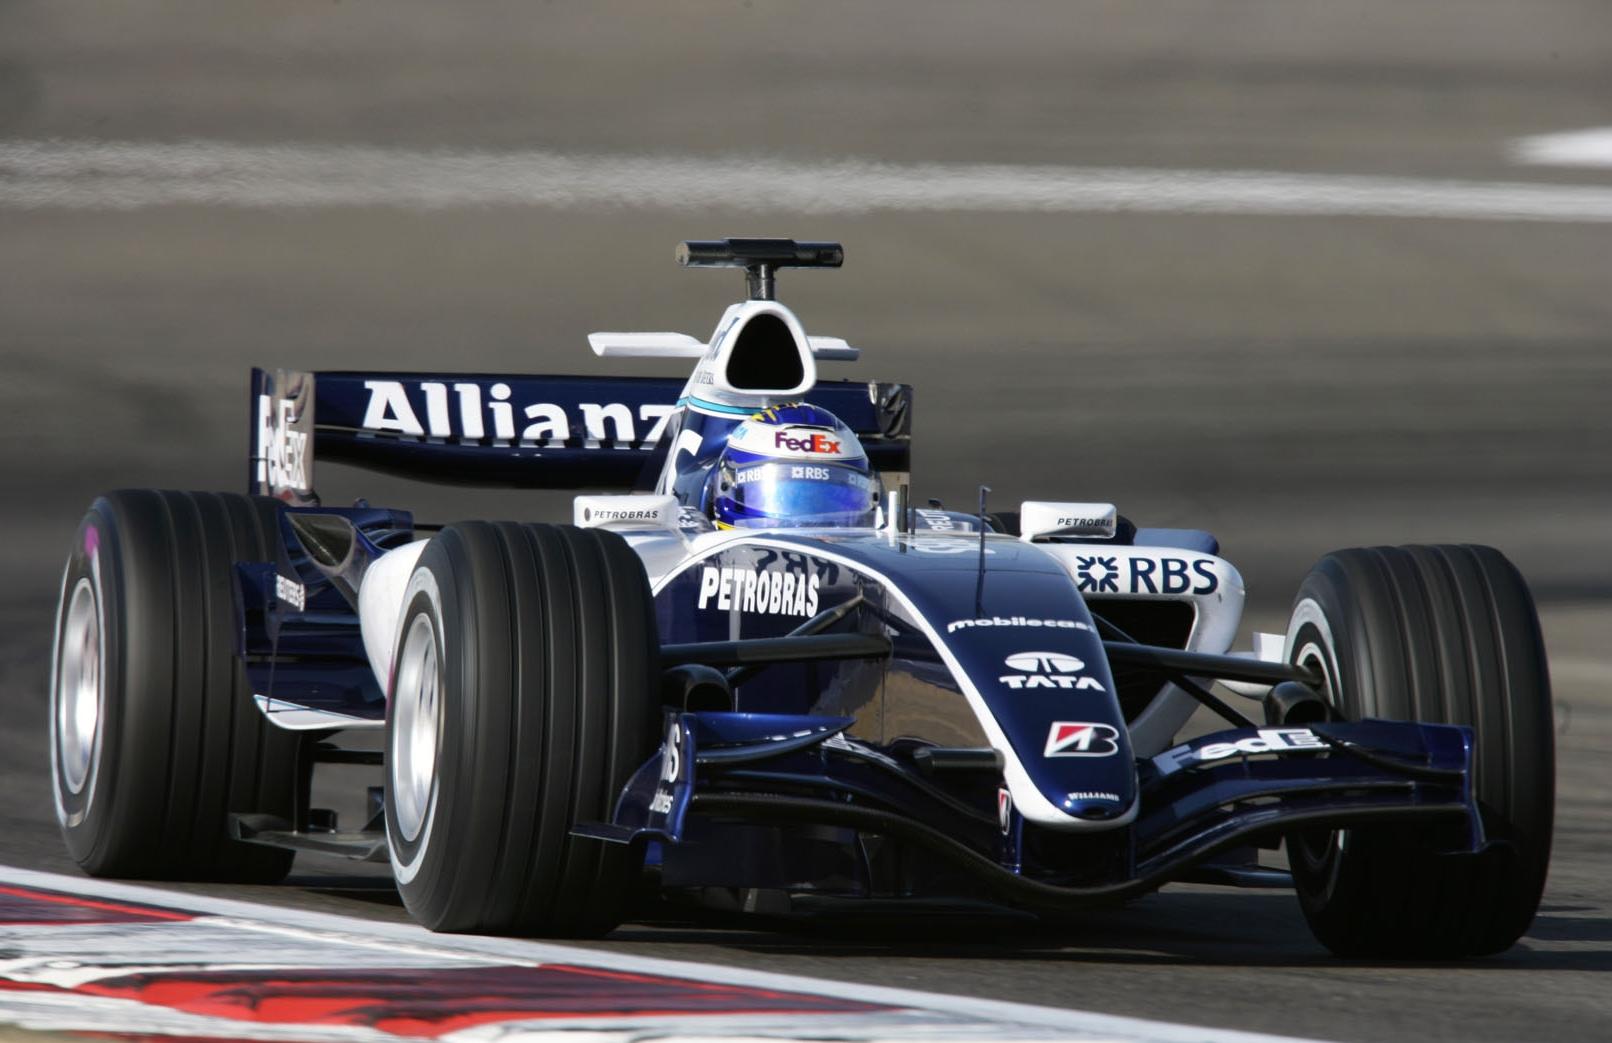 Nico Rosberg je u svom prvom nastupu u Formuli 1 na VN Bahraina 2006. odvozio najbrži krug utrke i osvojio sedmo mjesto. Do kraja sezone samo je još jednom osvojio bodove, sedmim mjestom na Nurburgringu. (12.3.2006.) Foto: f1fanatic